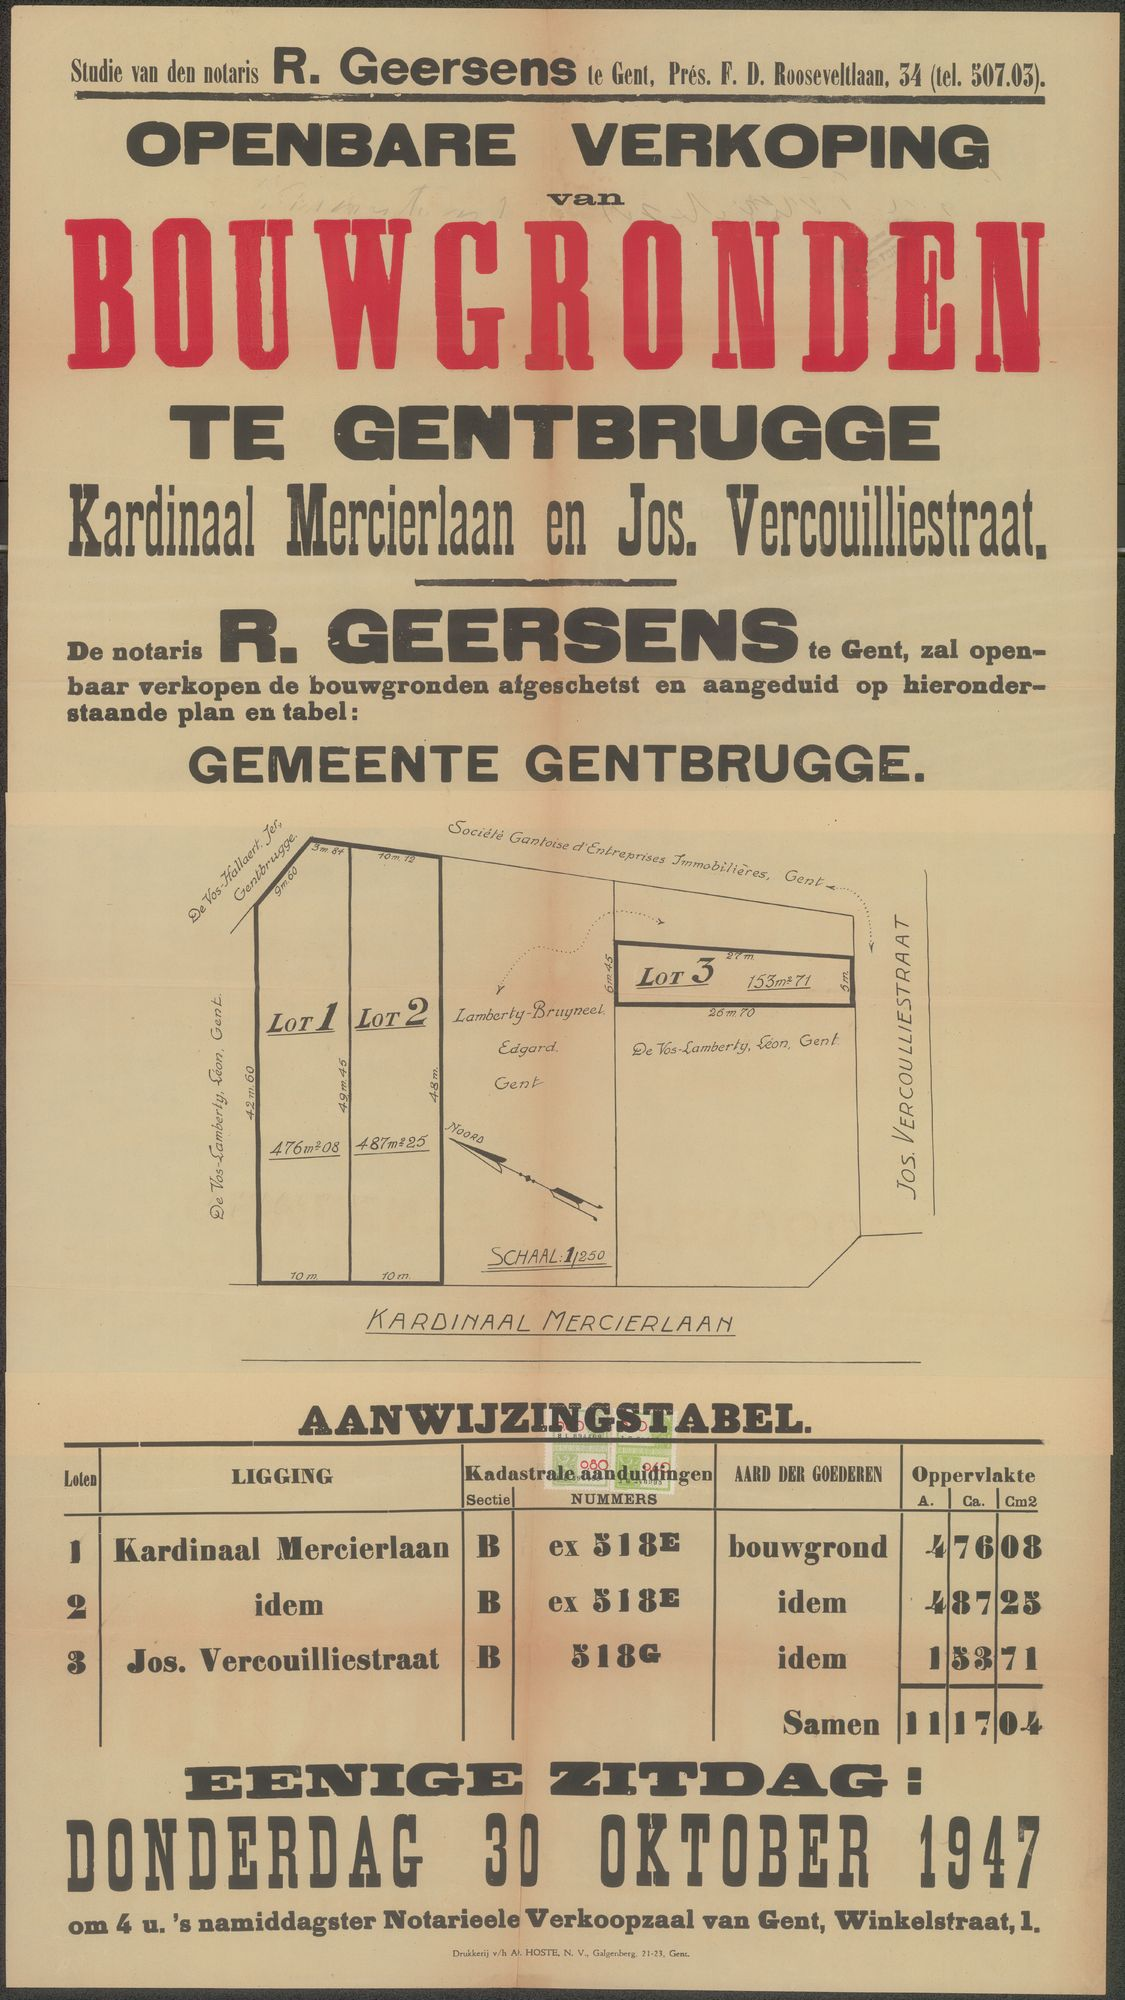 Openbare verkoop van bouwgronden te Gentbrugge, Kardinaal Mercierlaan en Jos. Vercouilliestraat, Gent, 30 oktober 1947